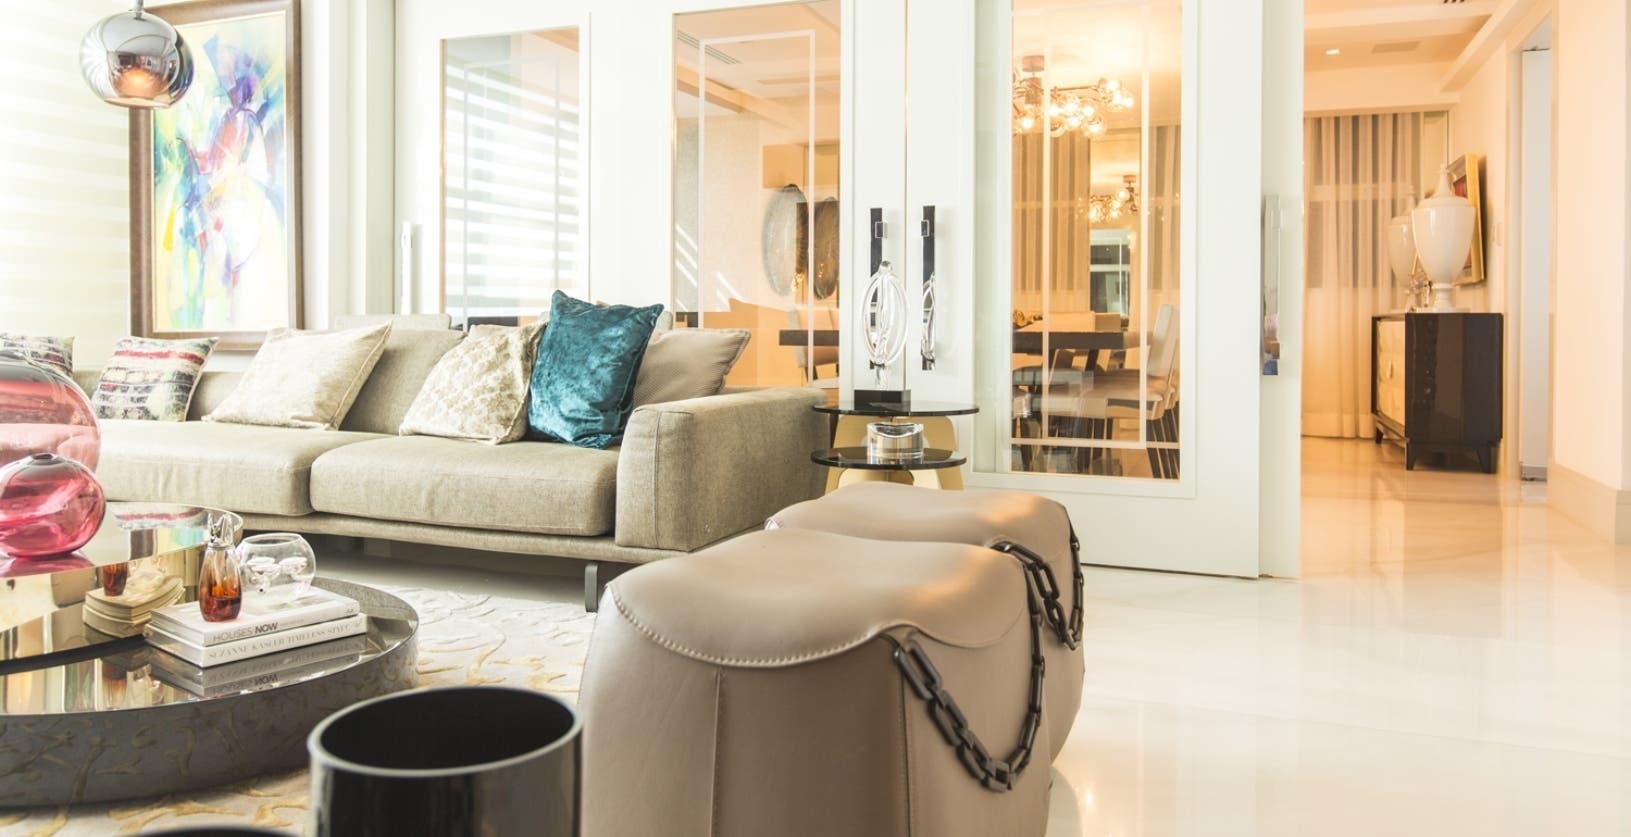 Elementos en acrílico, materiales metálicos, madera e híbridos de diferentes  texturas forman parte de la tendencia.